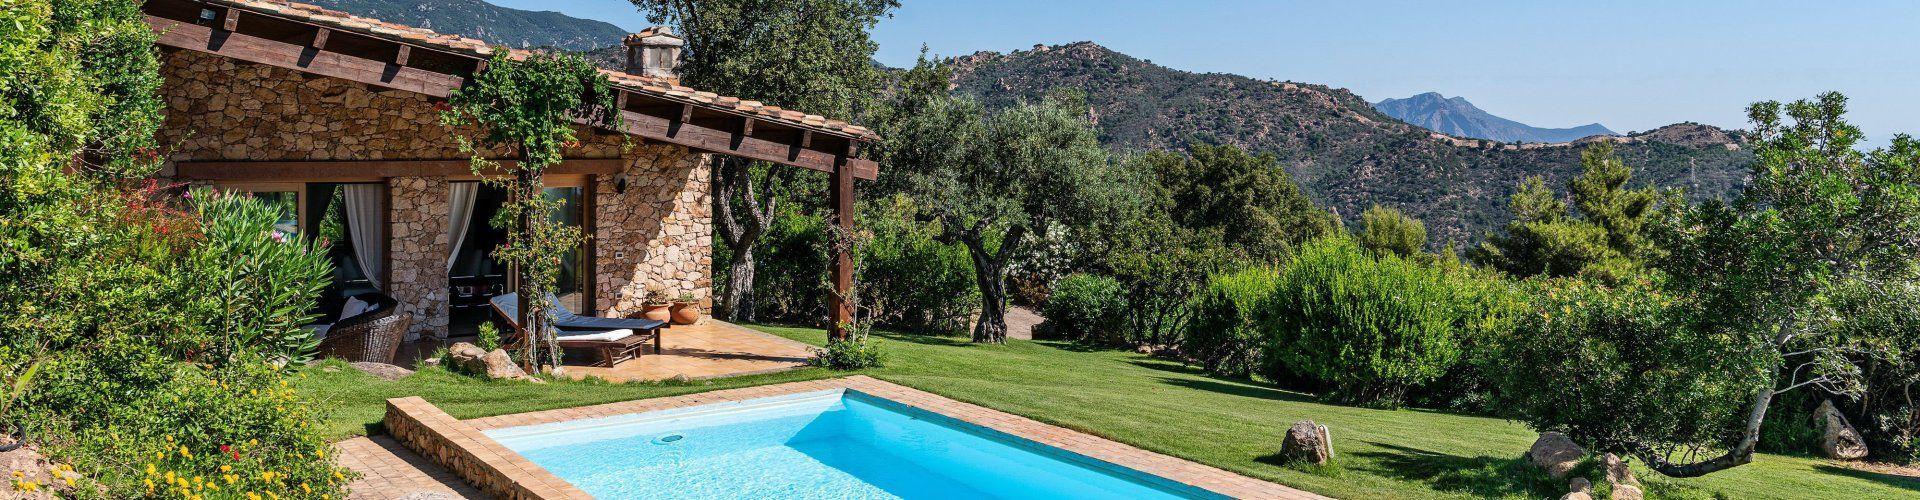 Villa mit Pool und grüne Landschaft